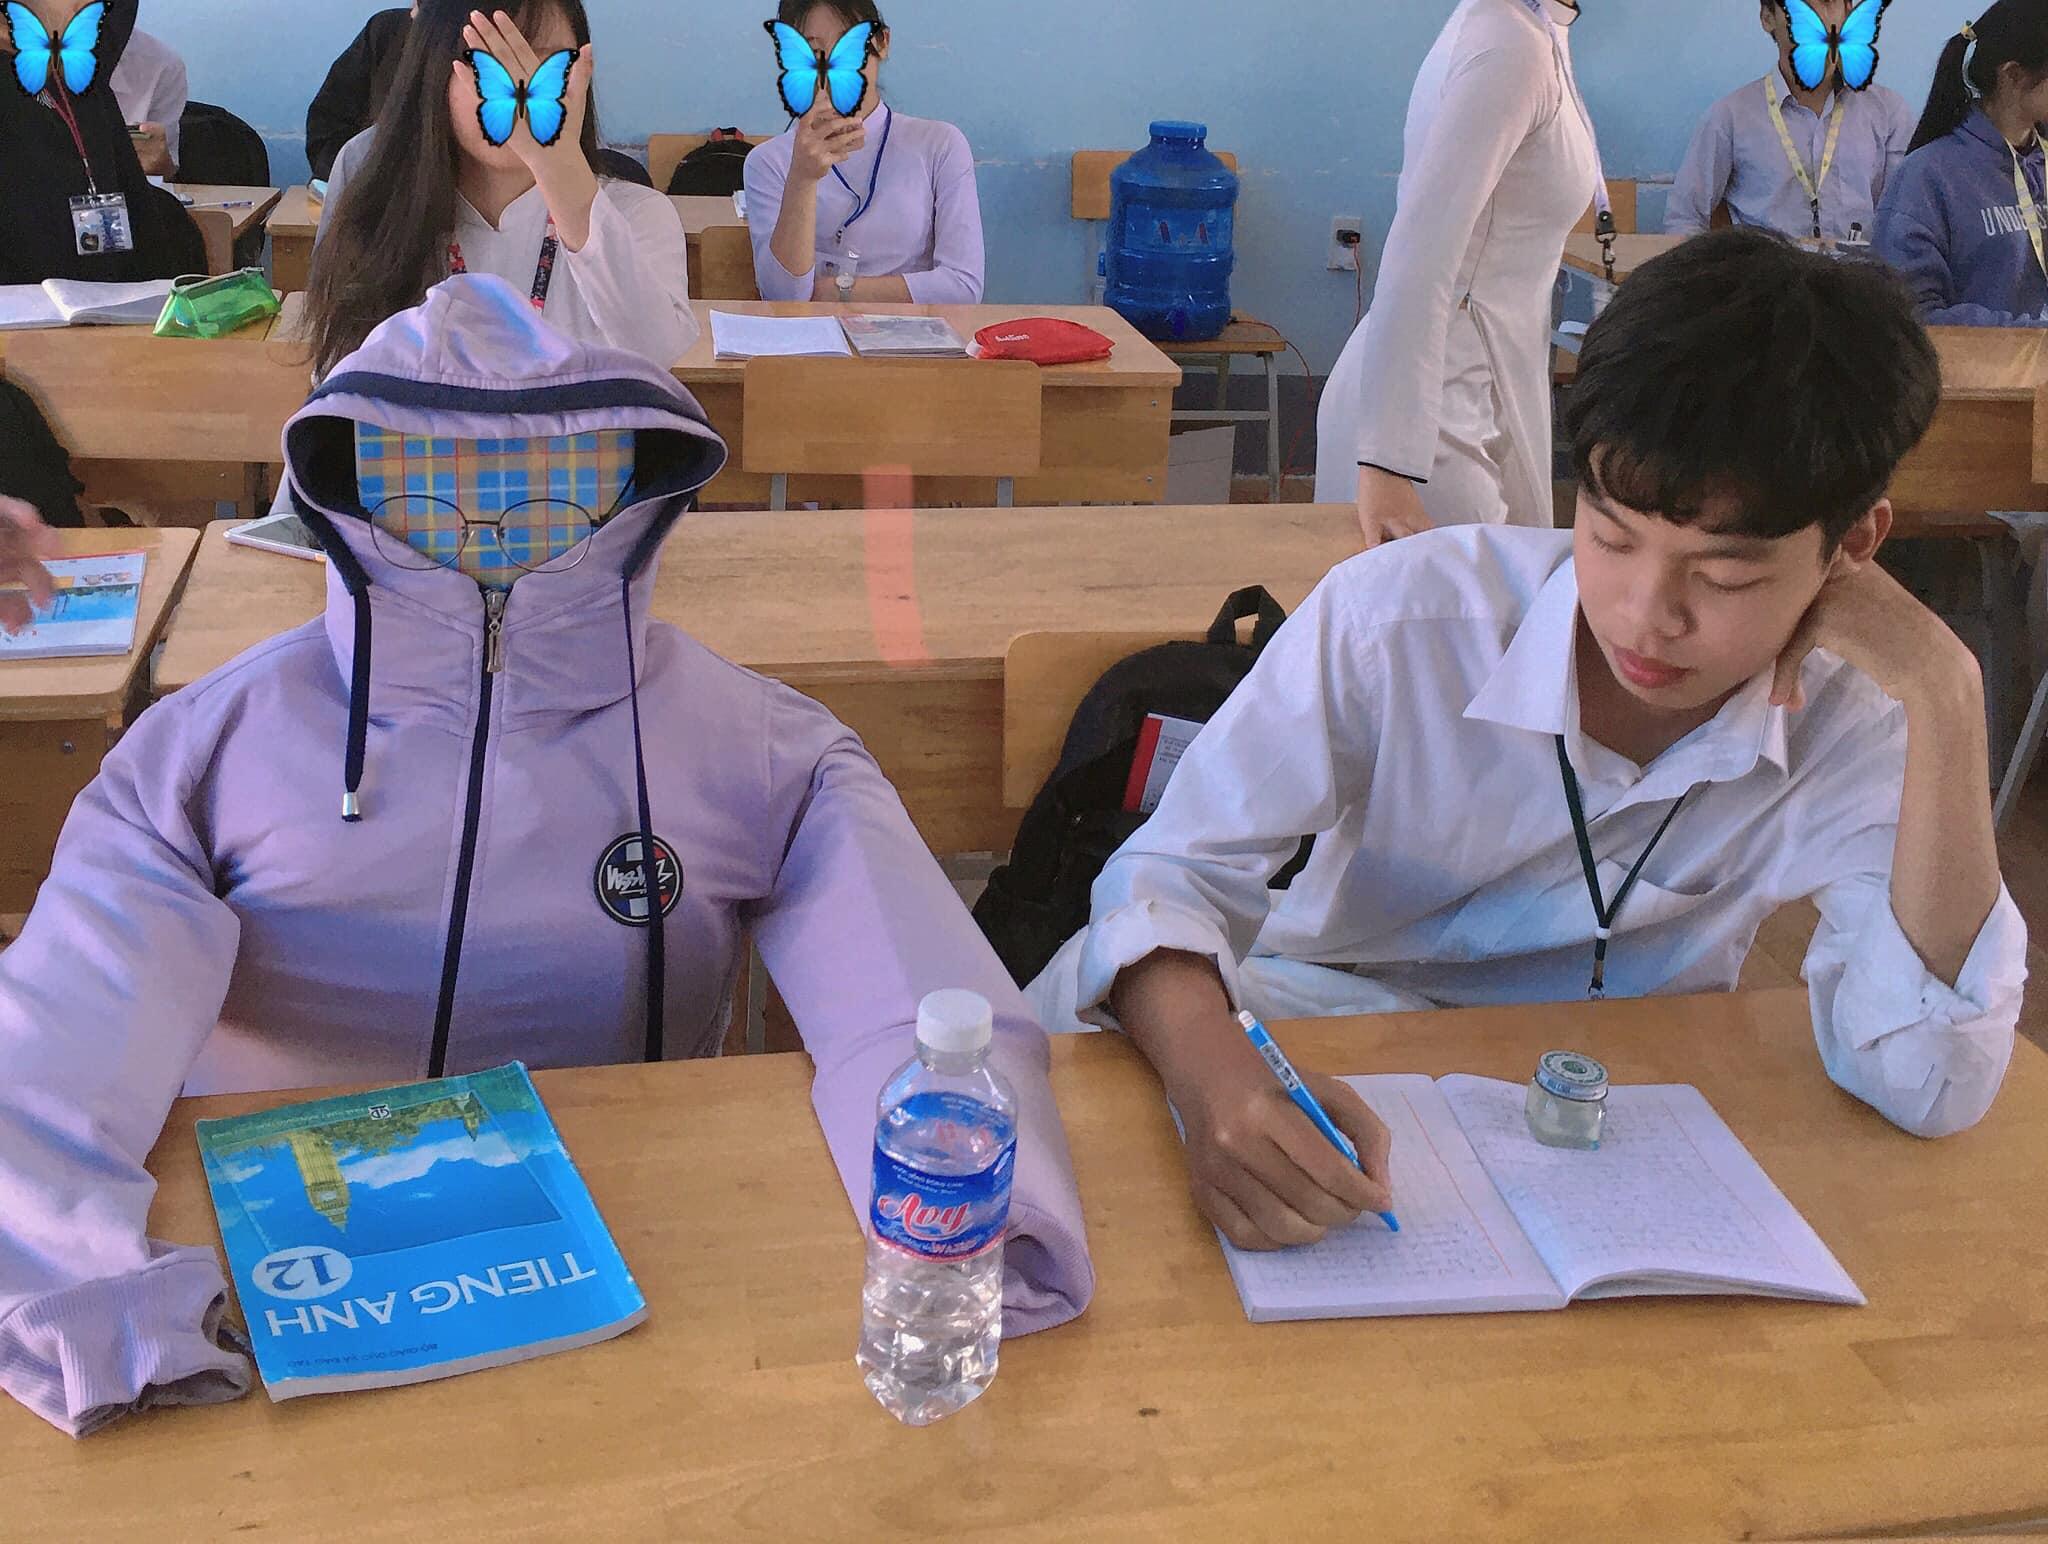 Bạn ngồi cạnh nghỉ học vài hôm, nam sinh tạo hình nộm bạn rồi ngồi ôm, dựa vì quá nhớ 1